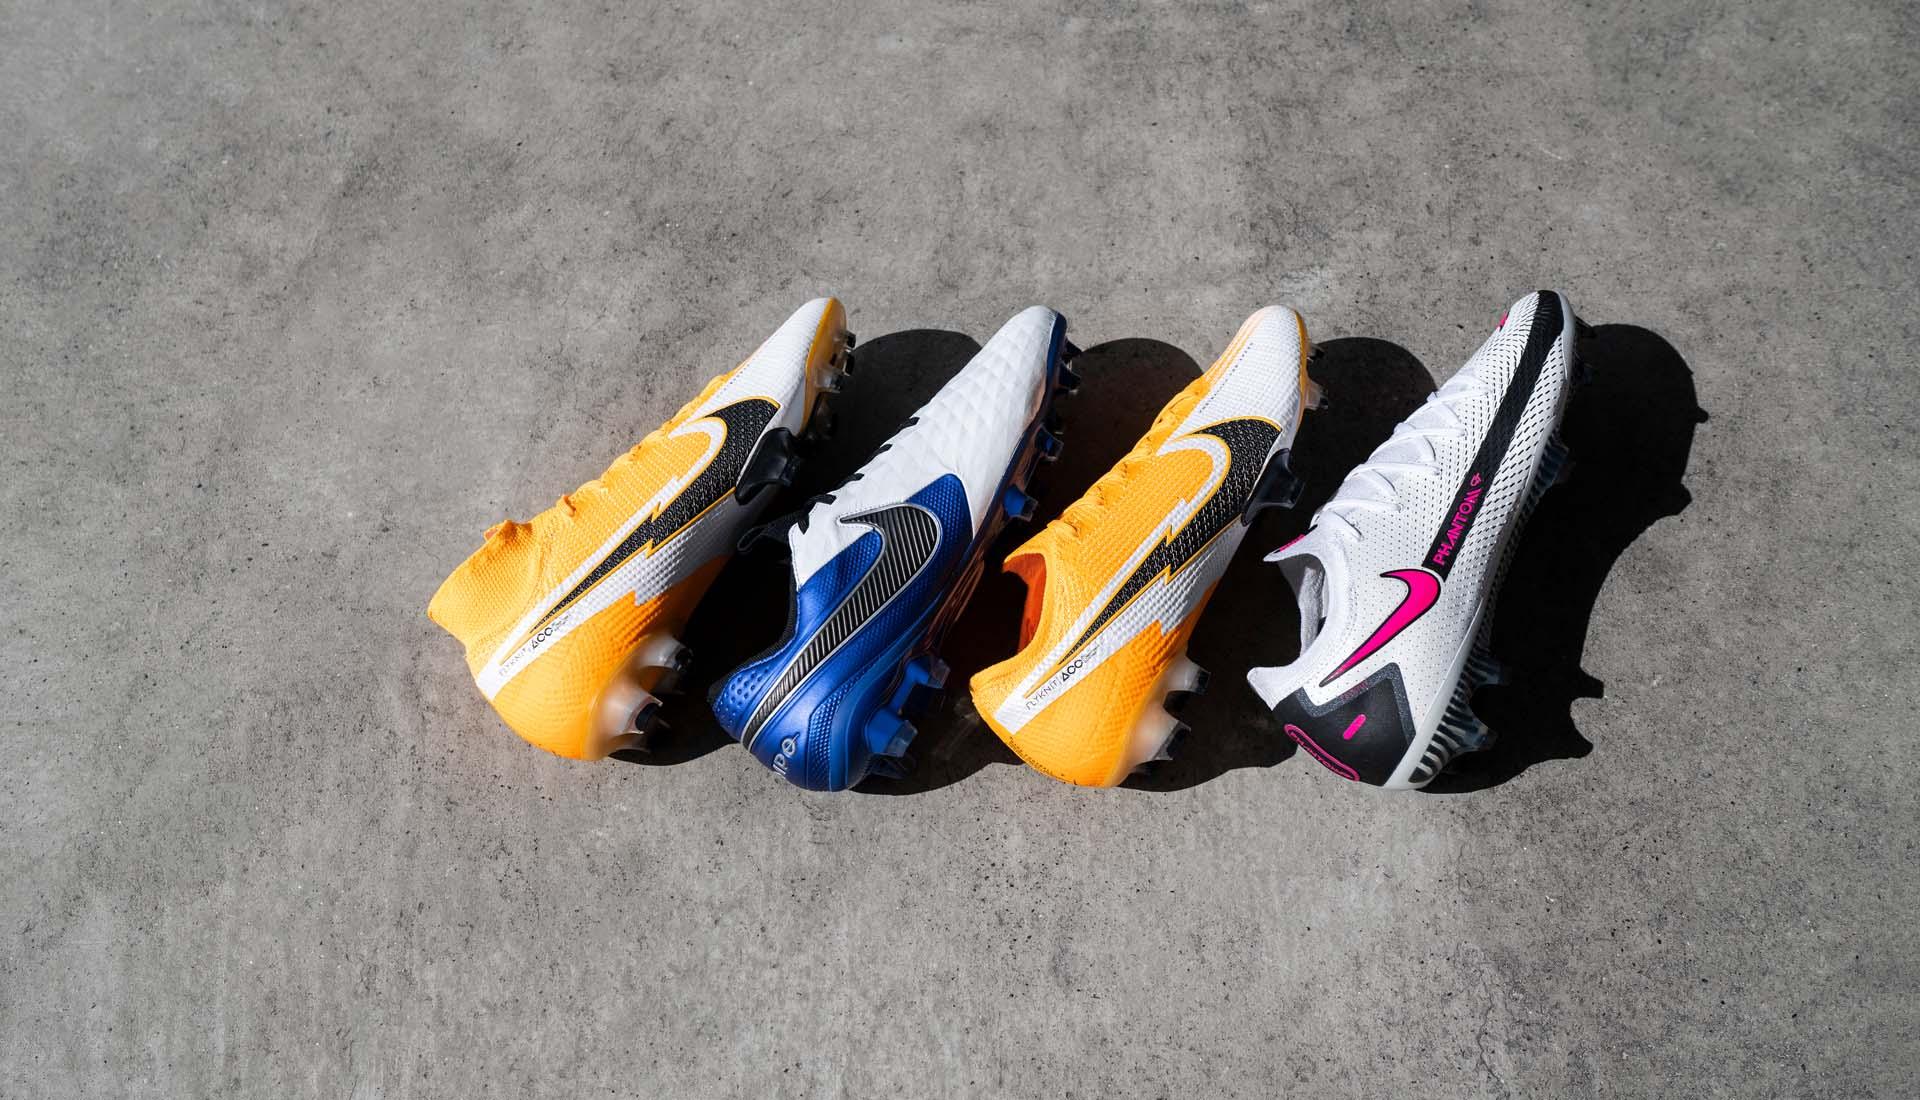 Giày bóng đá Nike Daybreak Pack với gam màu trắng vàng cam nổi bật